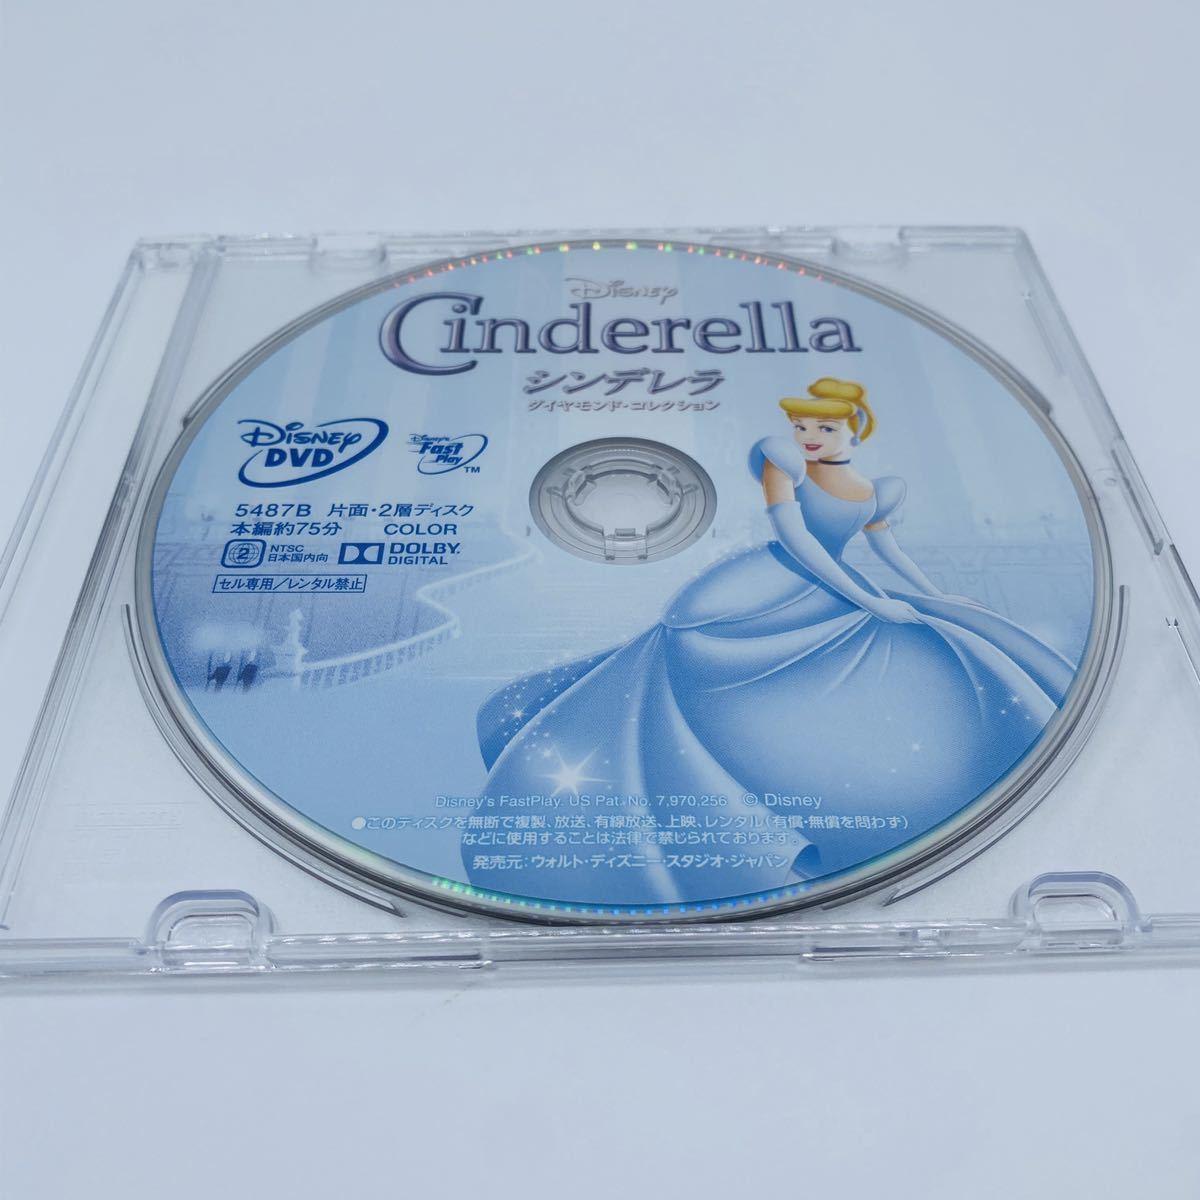 未使用品 シンデレラ ダイヤモンドコレクション DVDのみ 送料無料 メール便 ディズニー Disney 映画 キッズ ファミリー アニメ